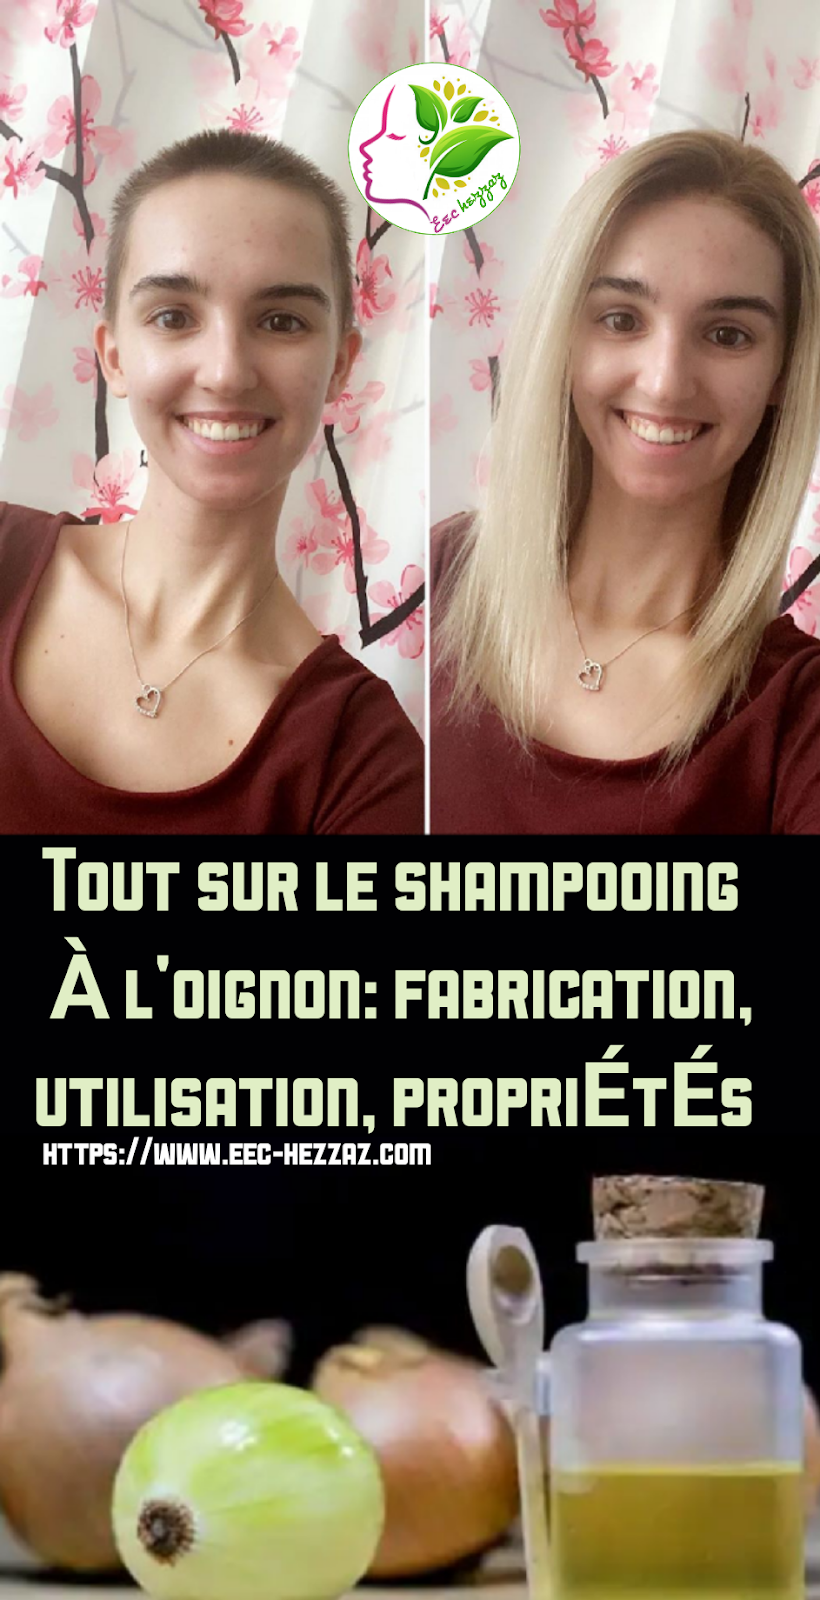 Tout sur le shampooing à l'oignon: fabrication, utilisation, propriétés